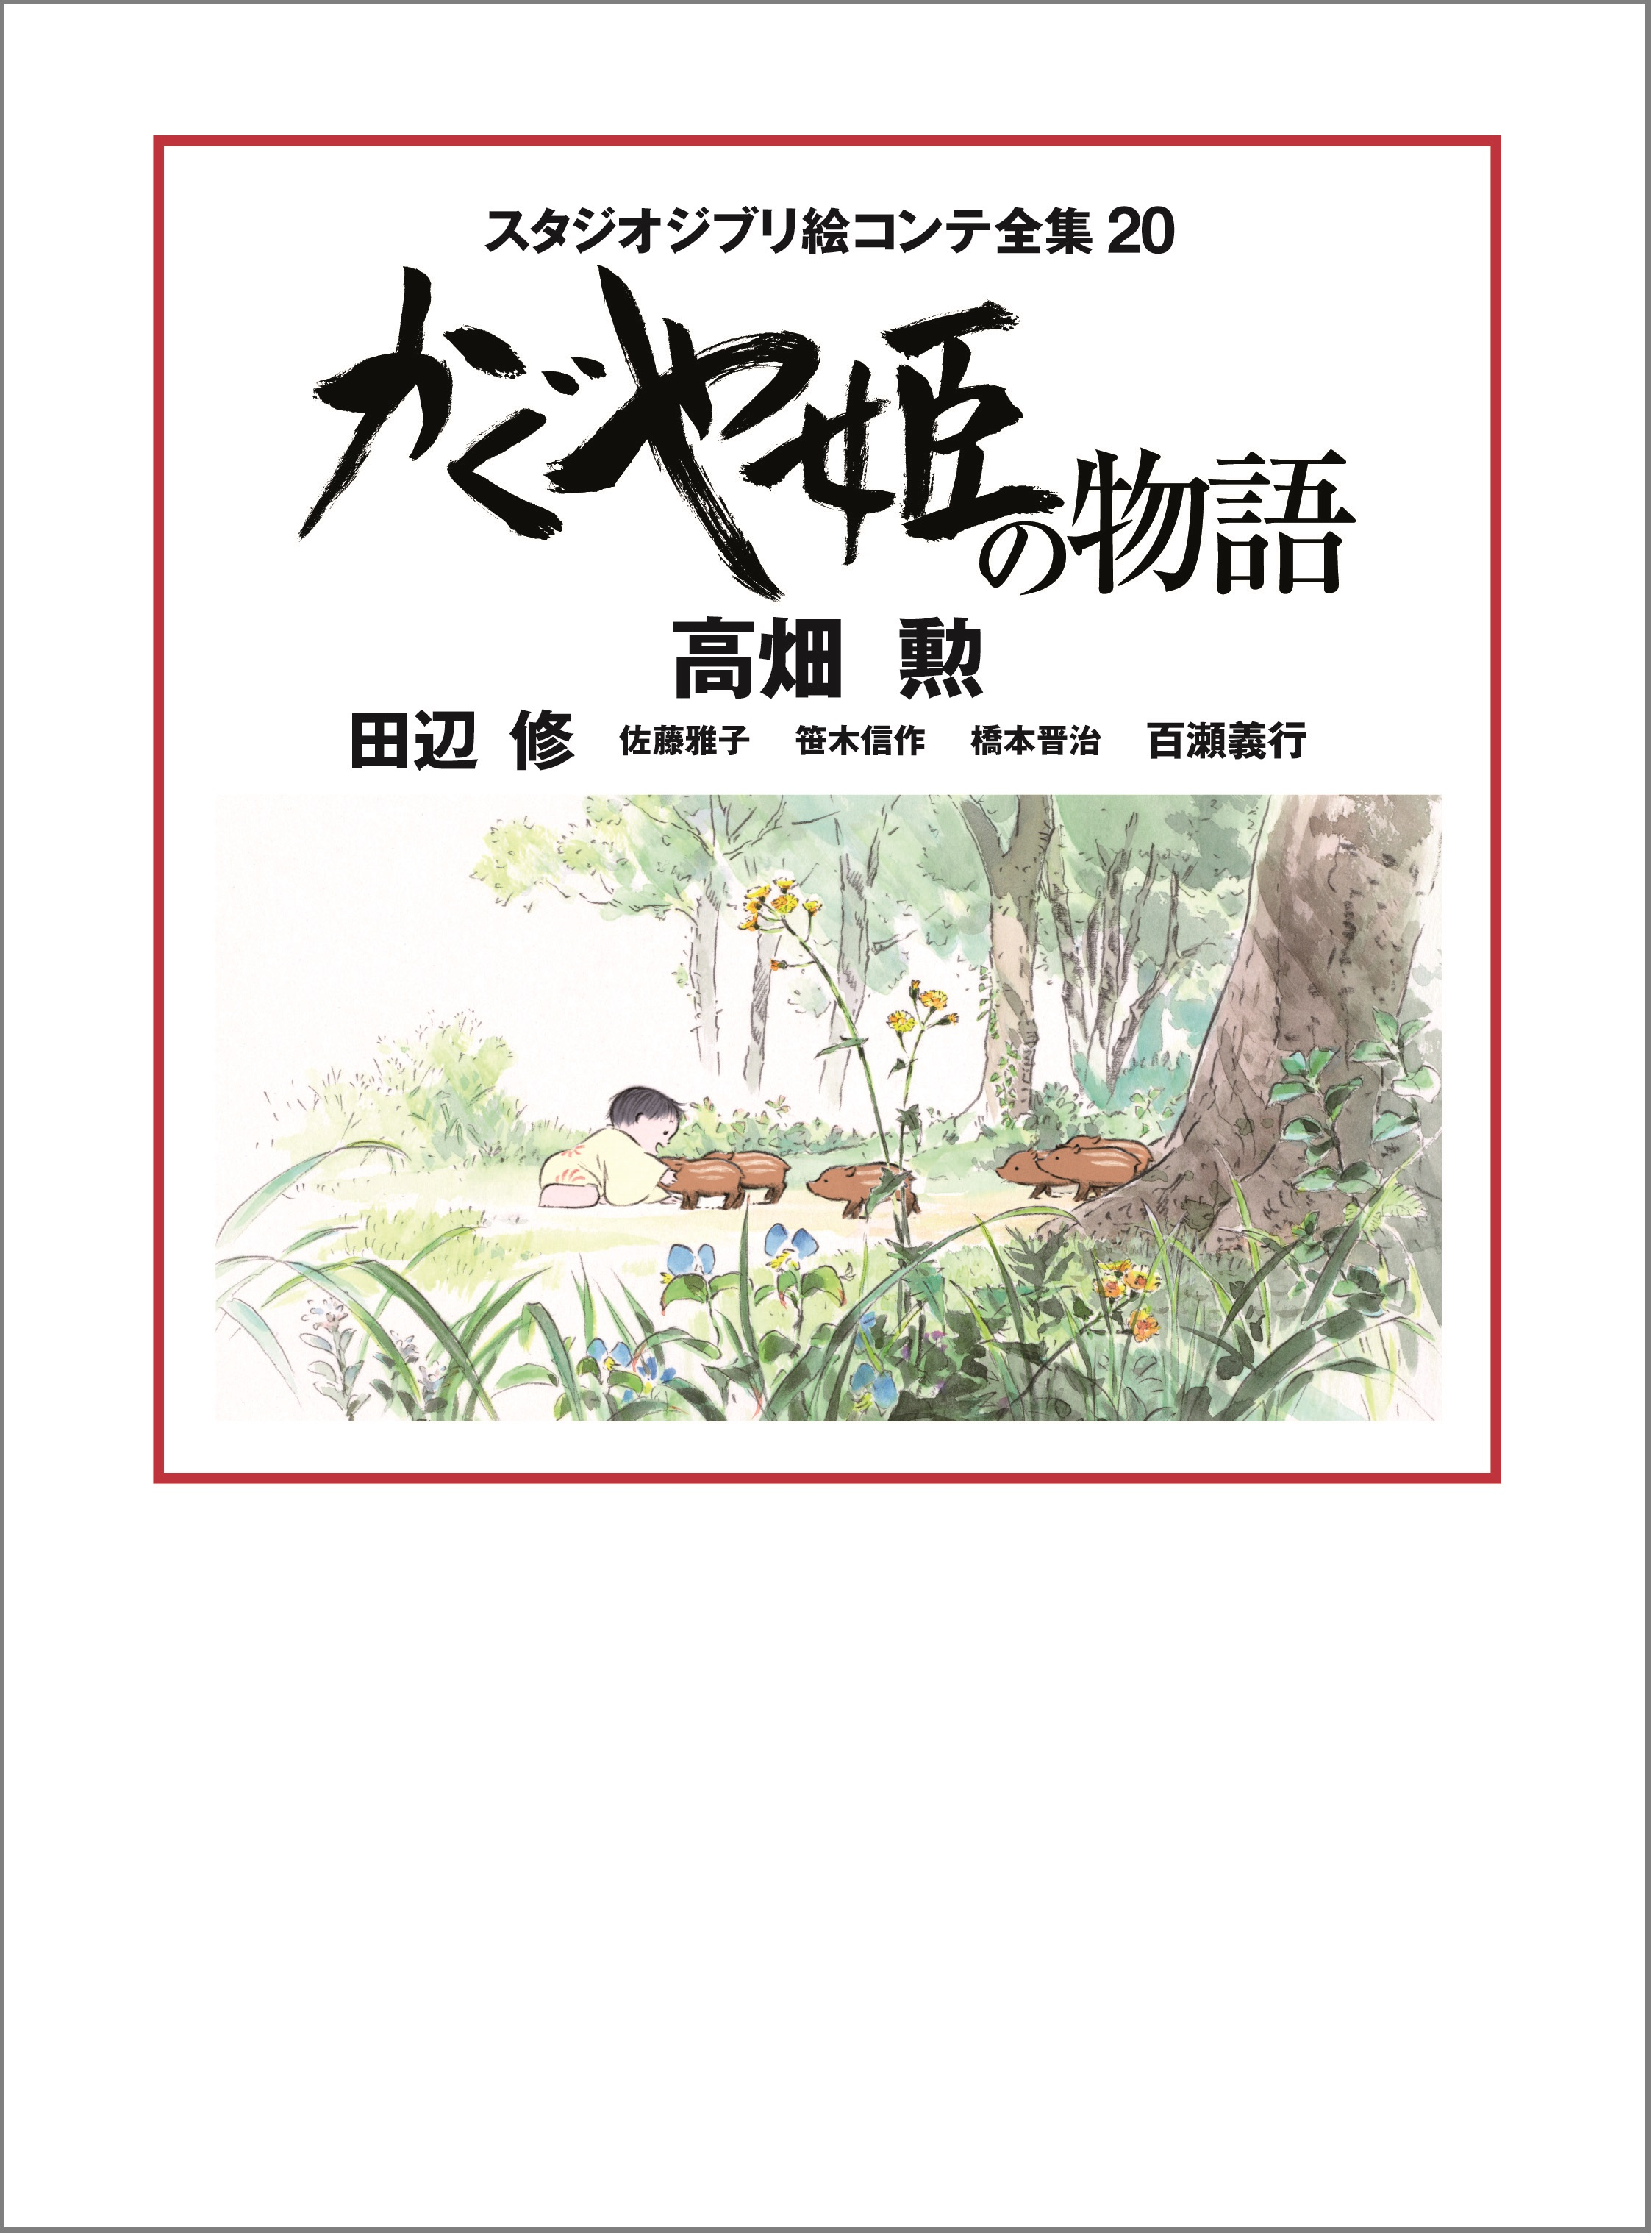 スタジオジブリ絵コンテ全集20 かぐや姫の物語